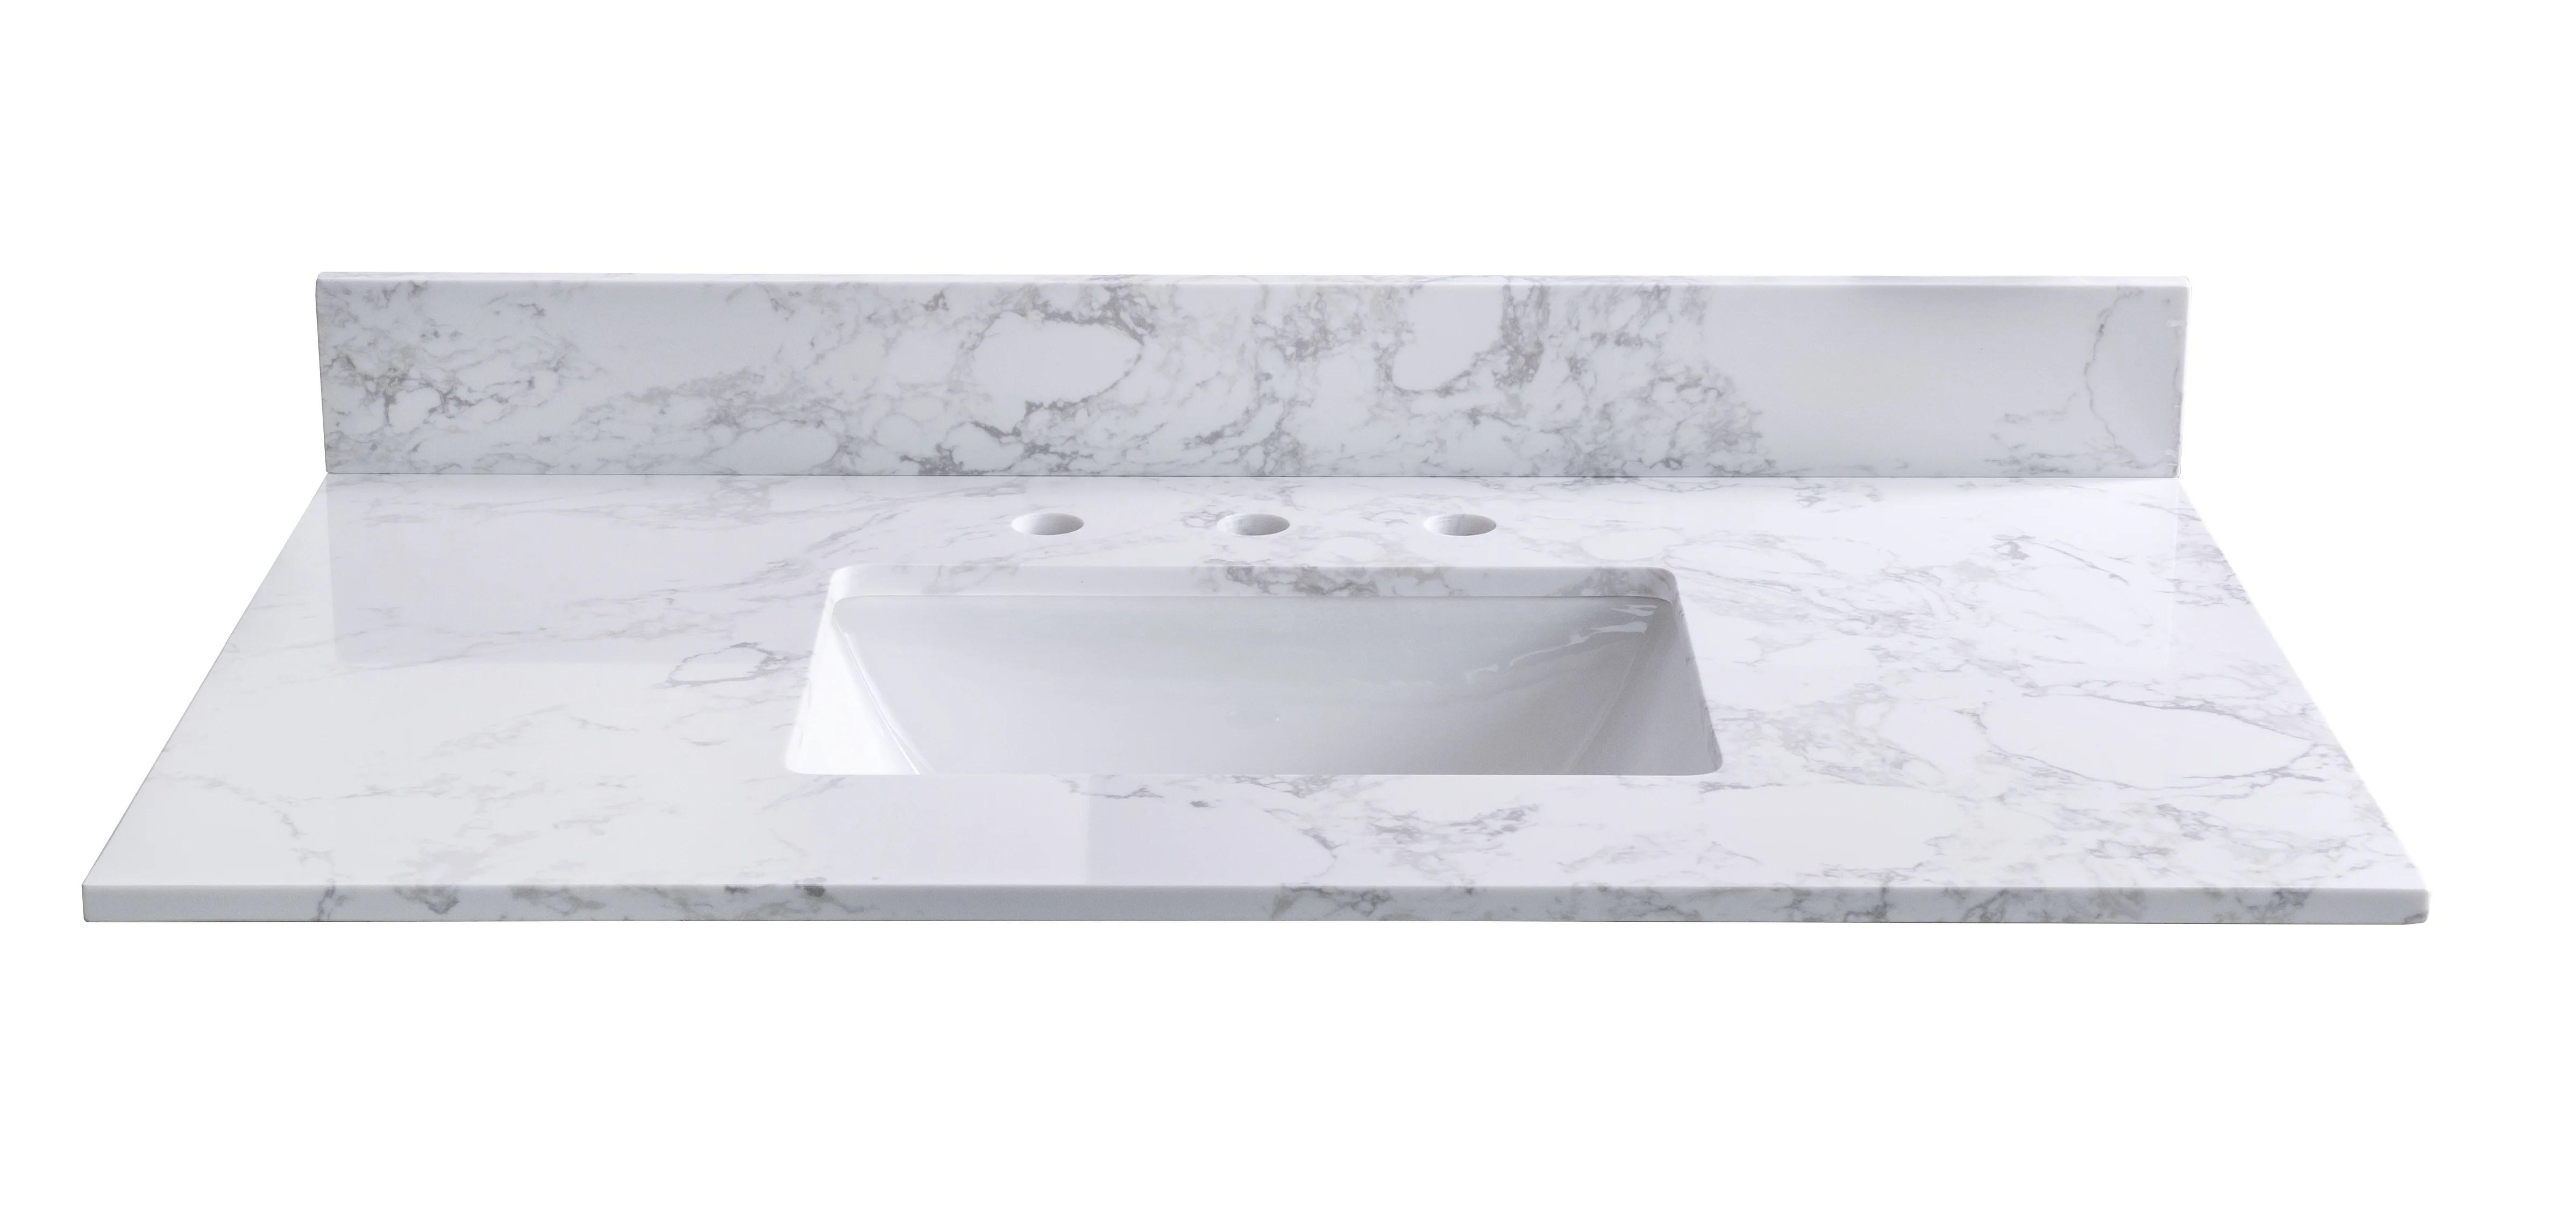 jingzhong llc 43 single bathroom vanity top in white with sink wayfair